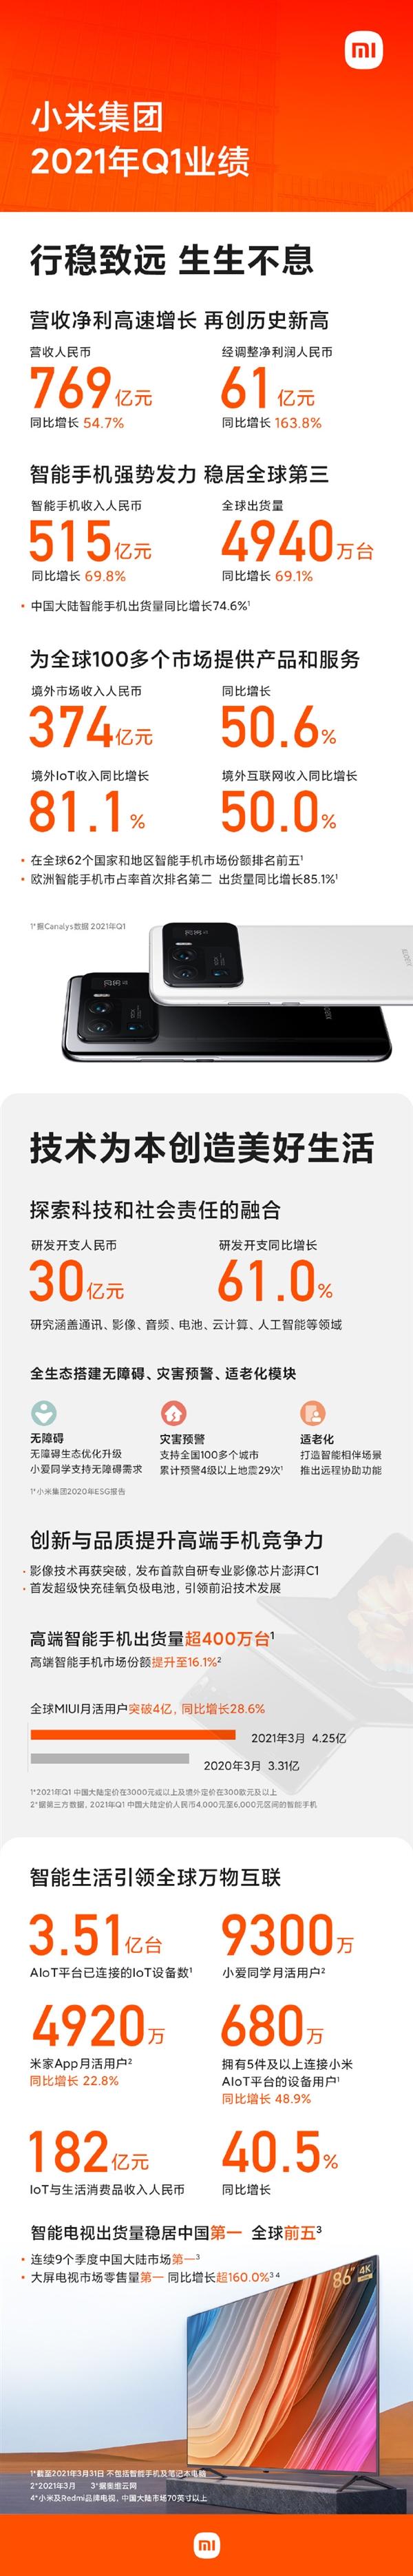 小米Q1营收769亿元:手机出货4950万台 稳居世界前三